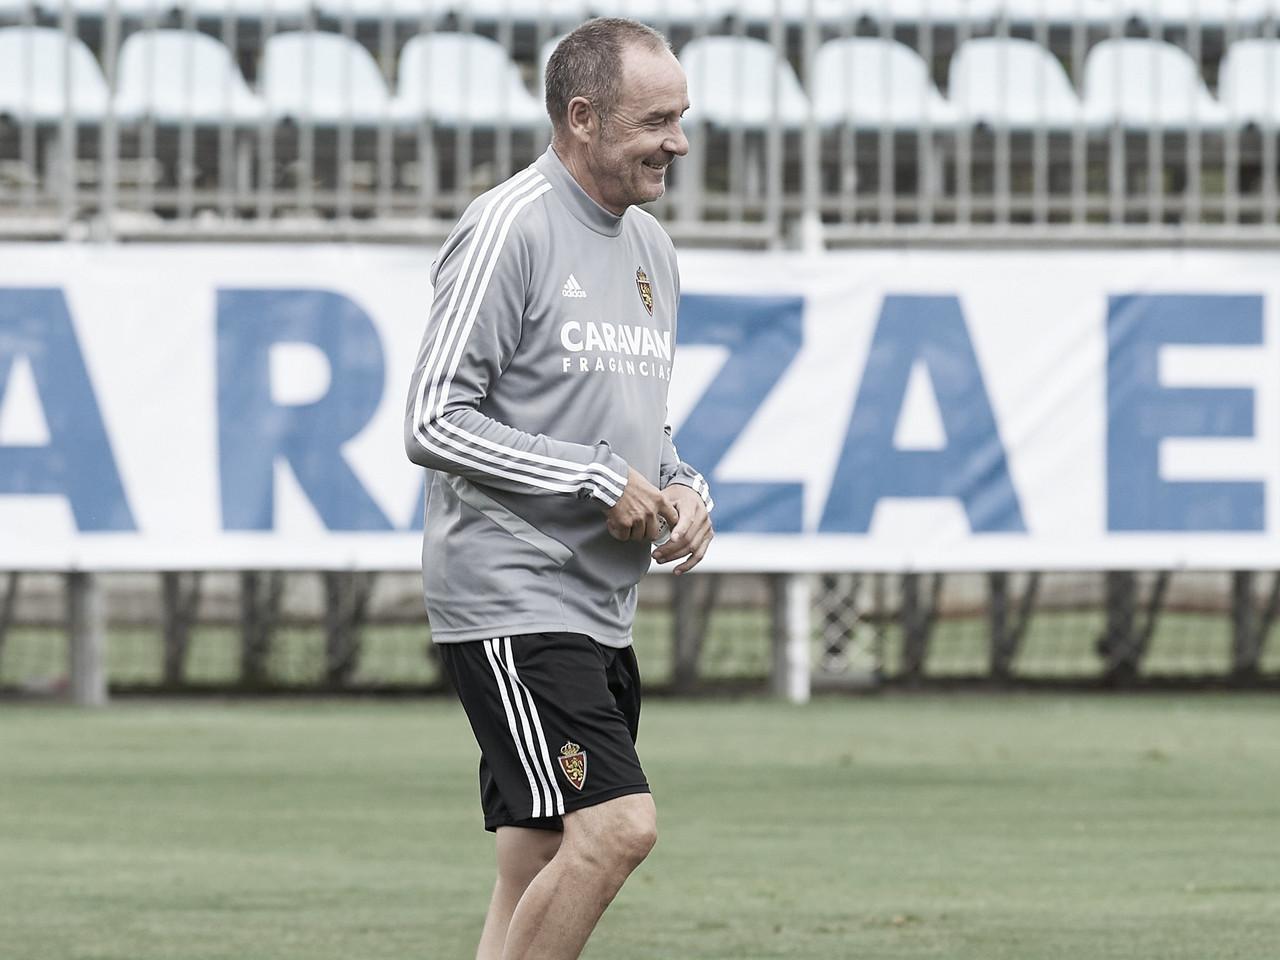 ¿Cómo quiere jugar Víctor Fernández?